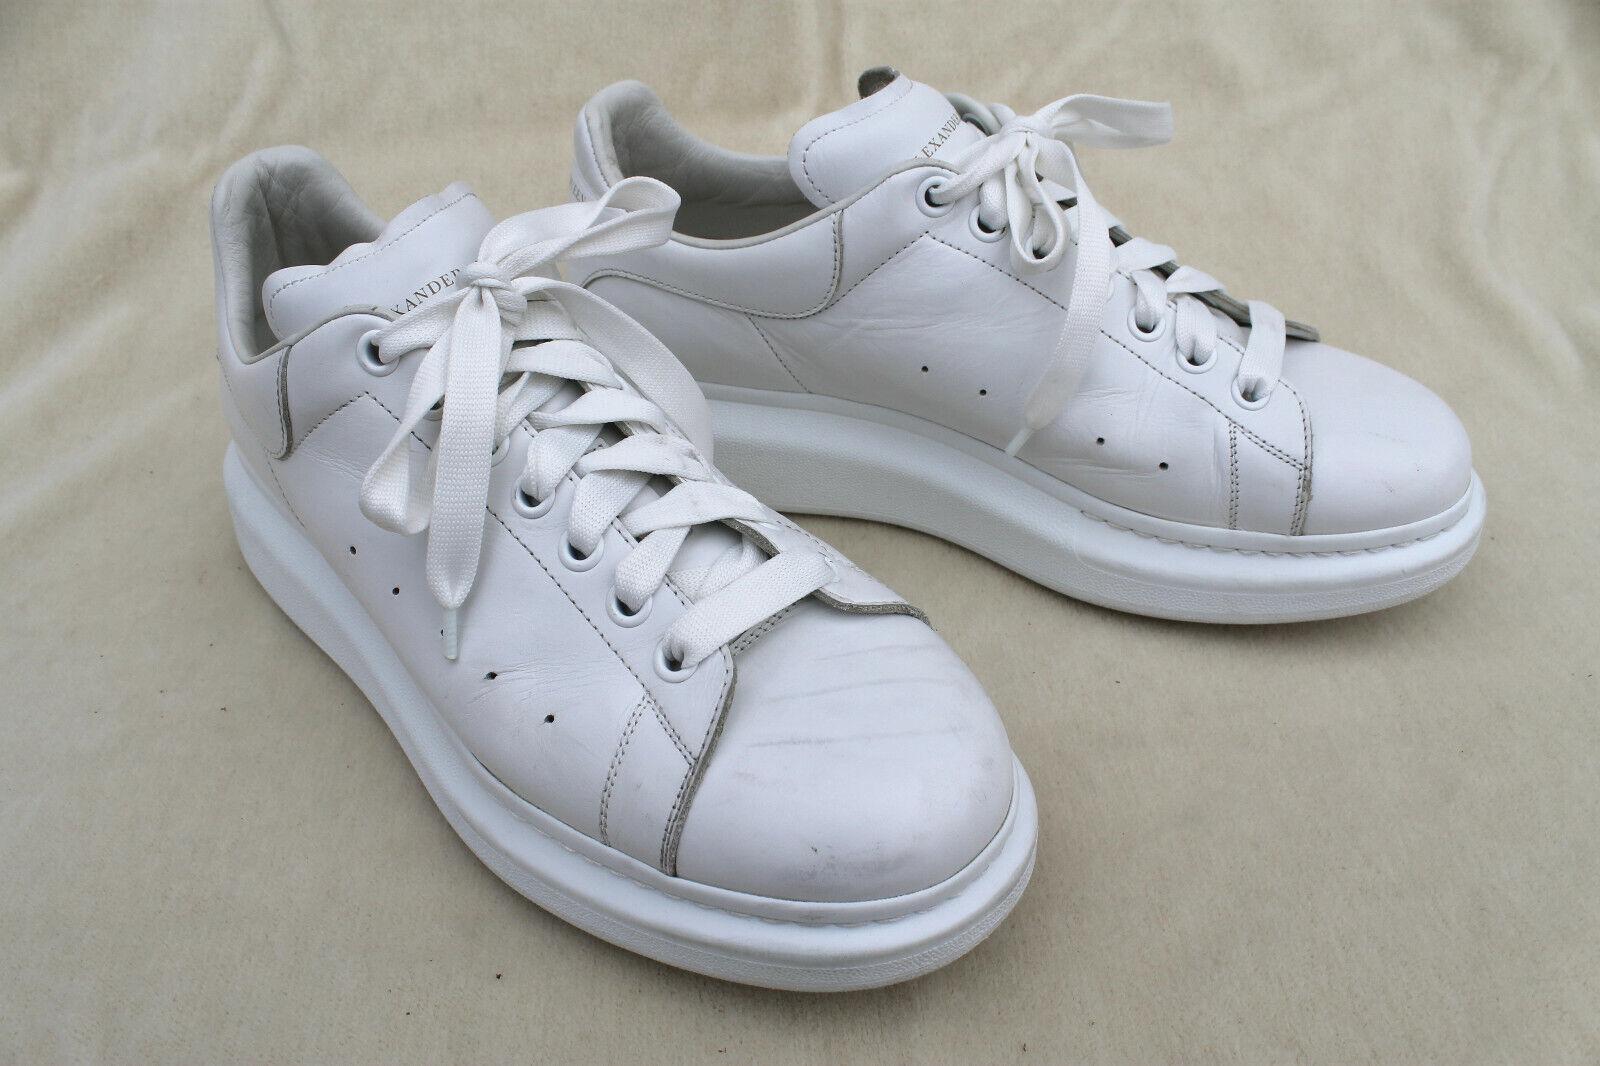 Alexander McQueen Oversized Sneakers 441631 US 12.5 Men's shoes